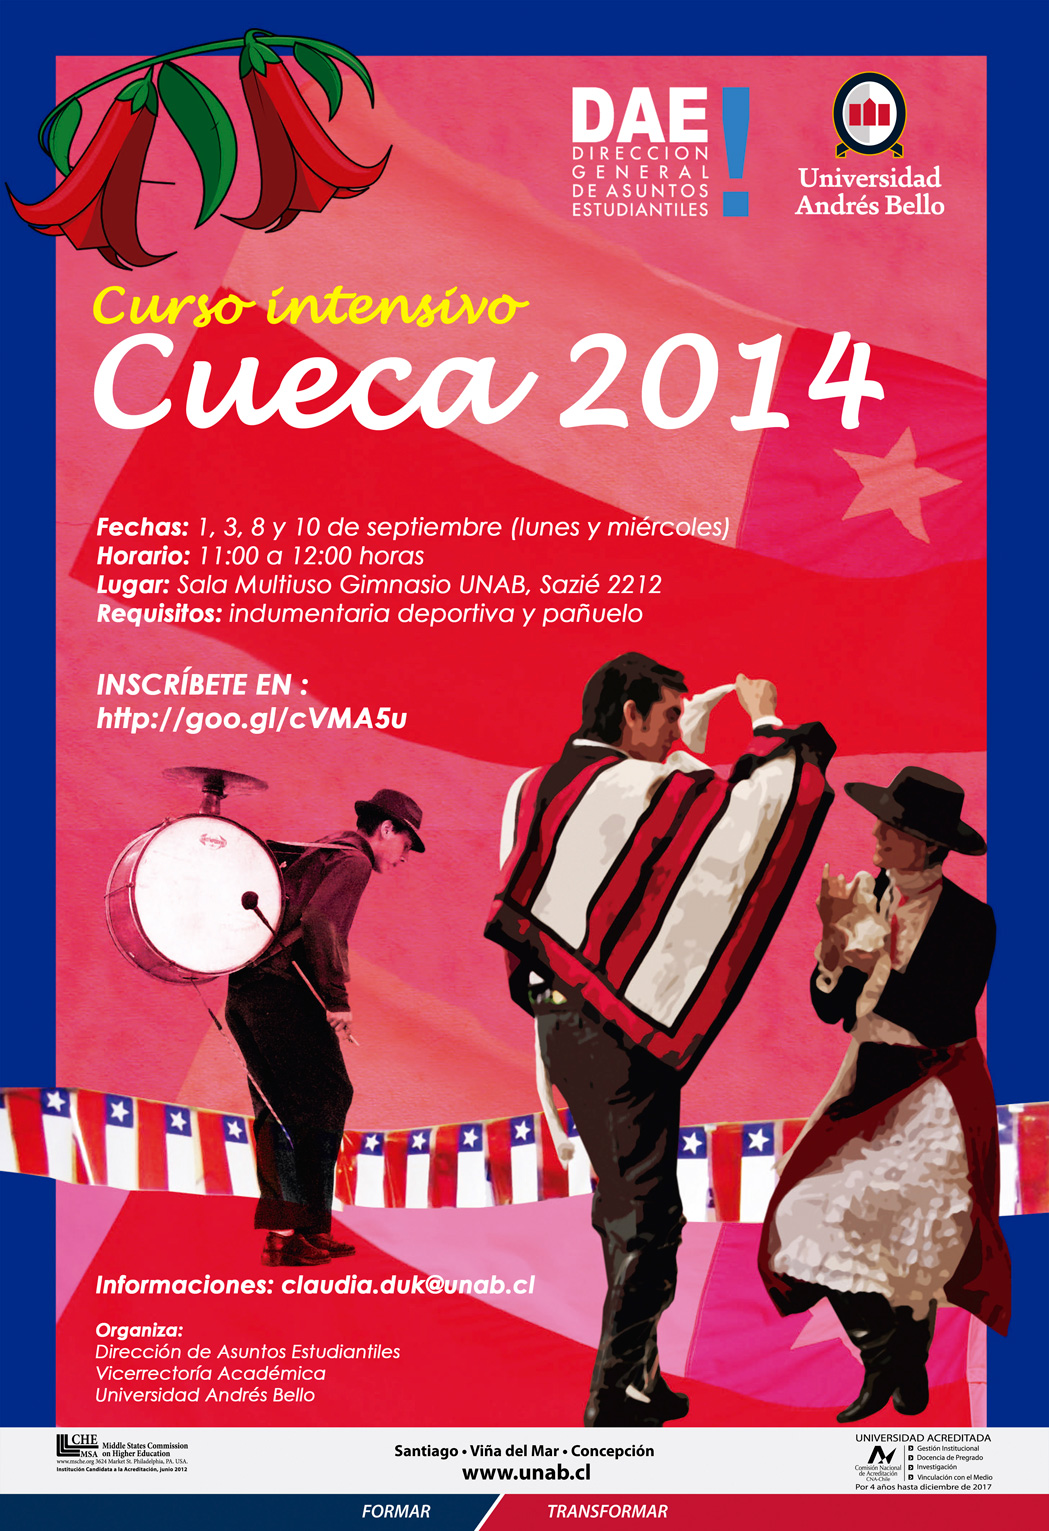 Afiche-Cueca-DAE